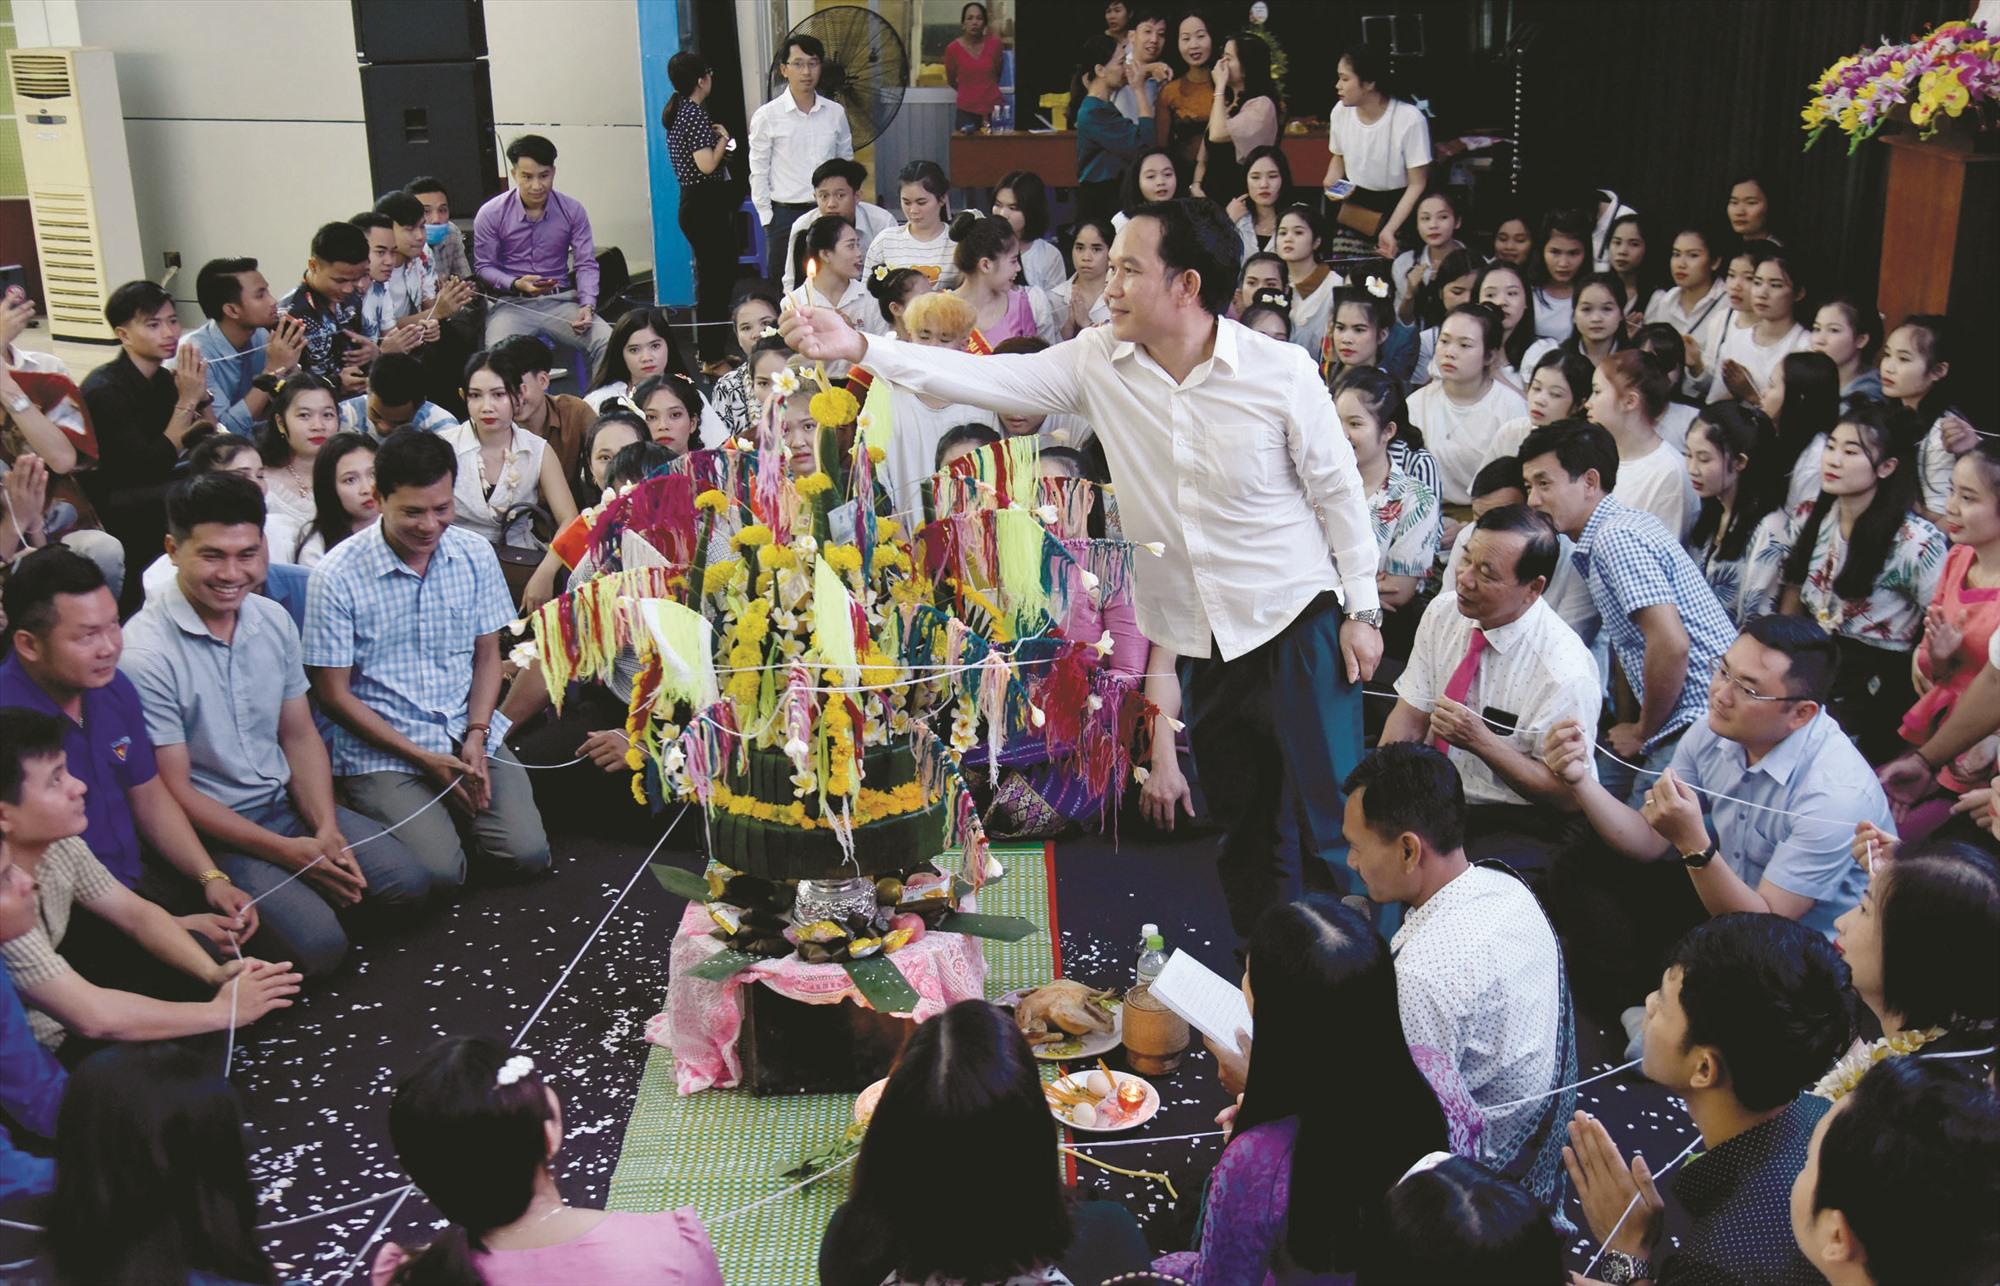 Tiến hành nghi lễ trong lễ hội Bunpimay.